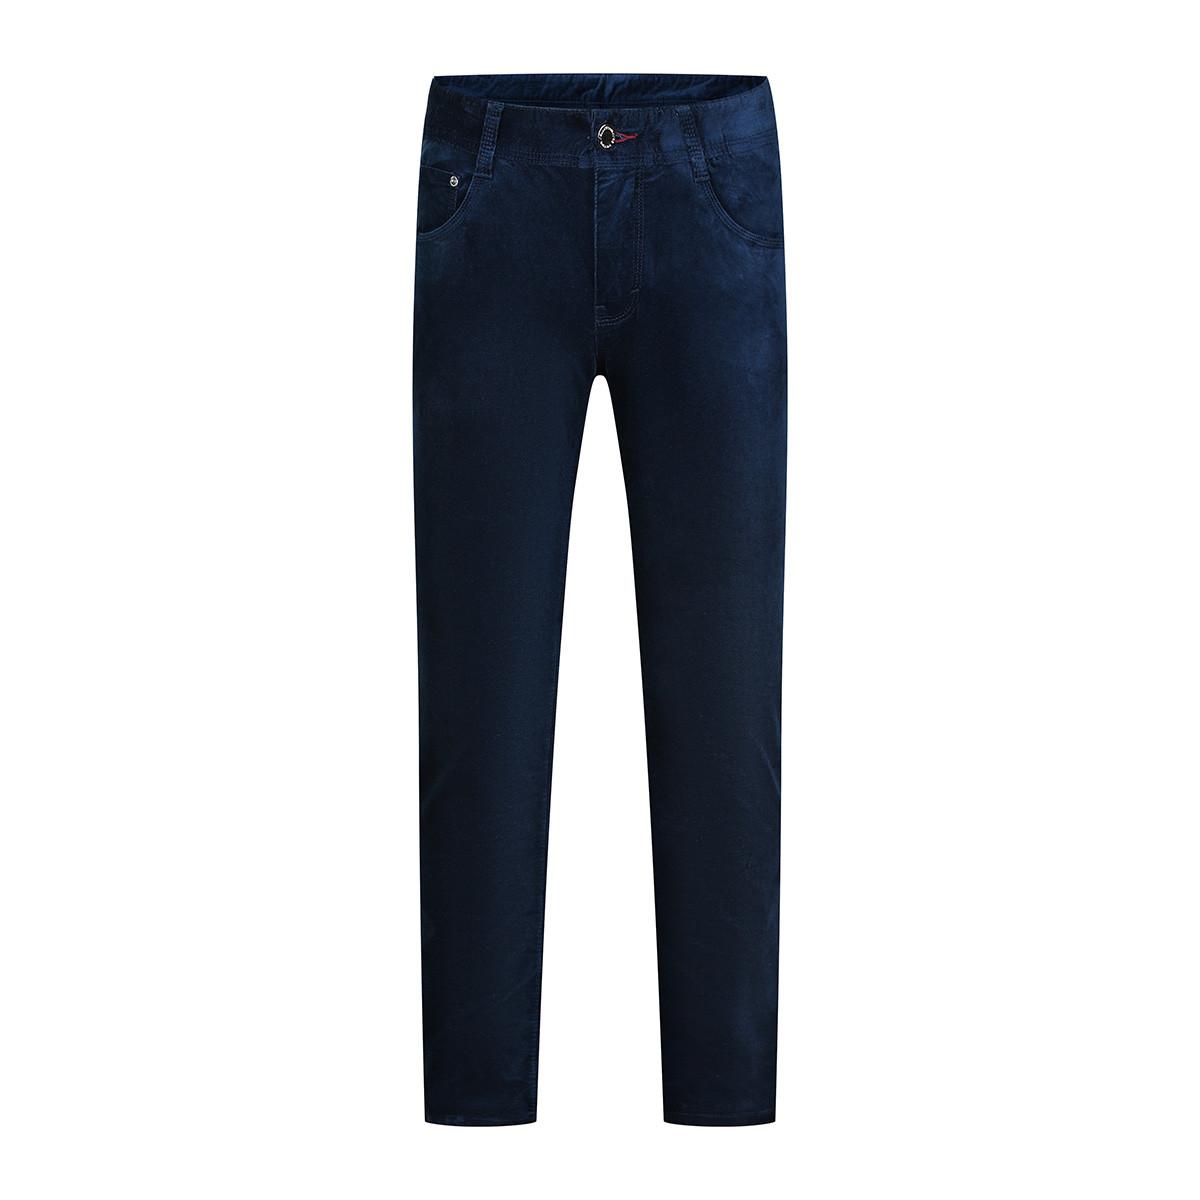 AOLAMAAOLAMA男式简约直筒绒面休闲裤08065195-52